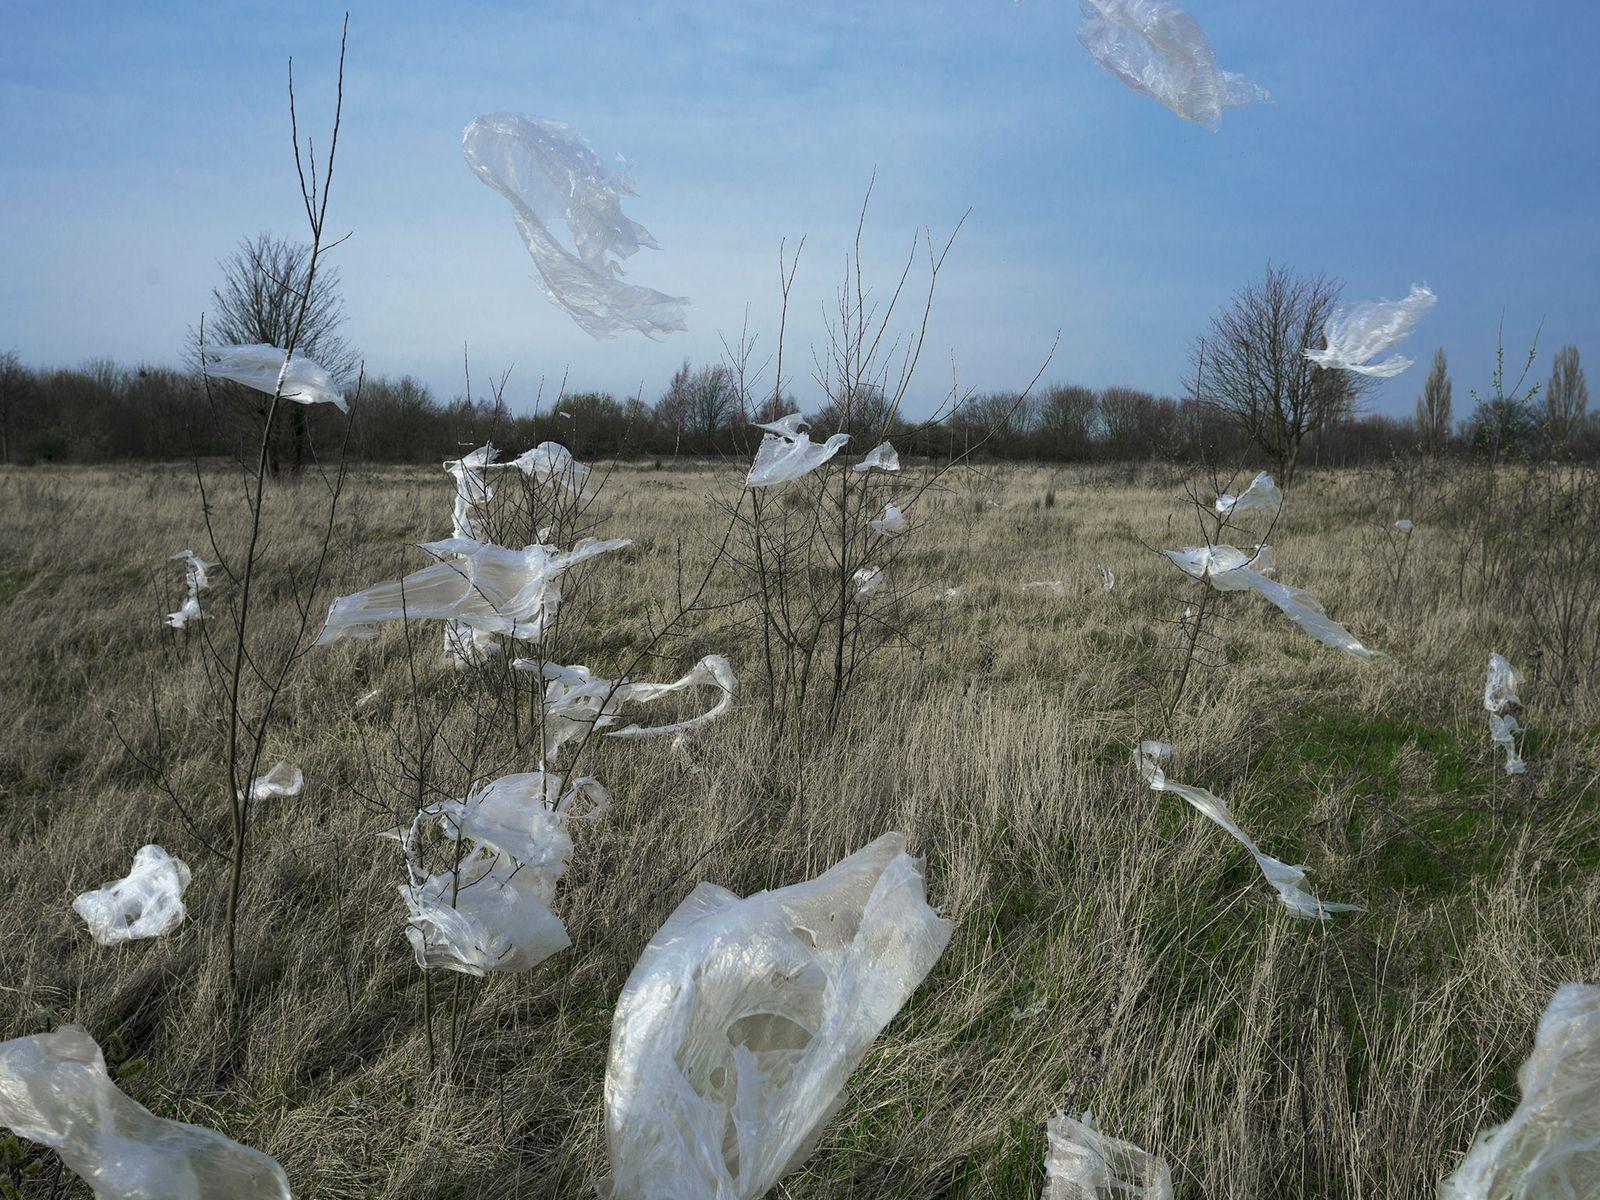 Plastikfolie weht durch die Landschaft und verfängt sich in der Vegetation. Mit der Zeit zerfällt das ...